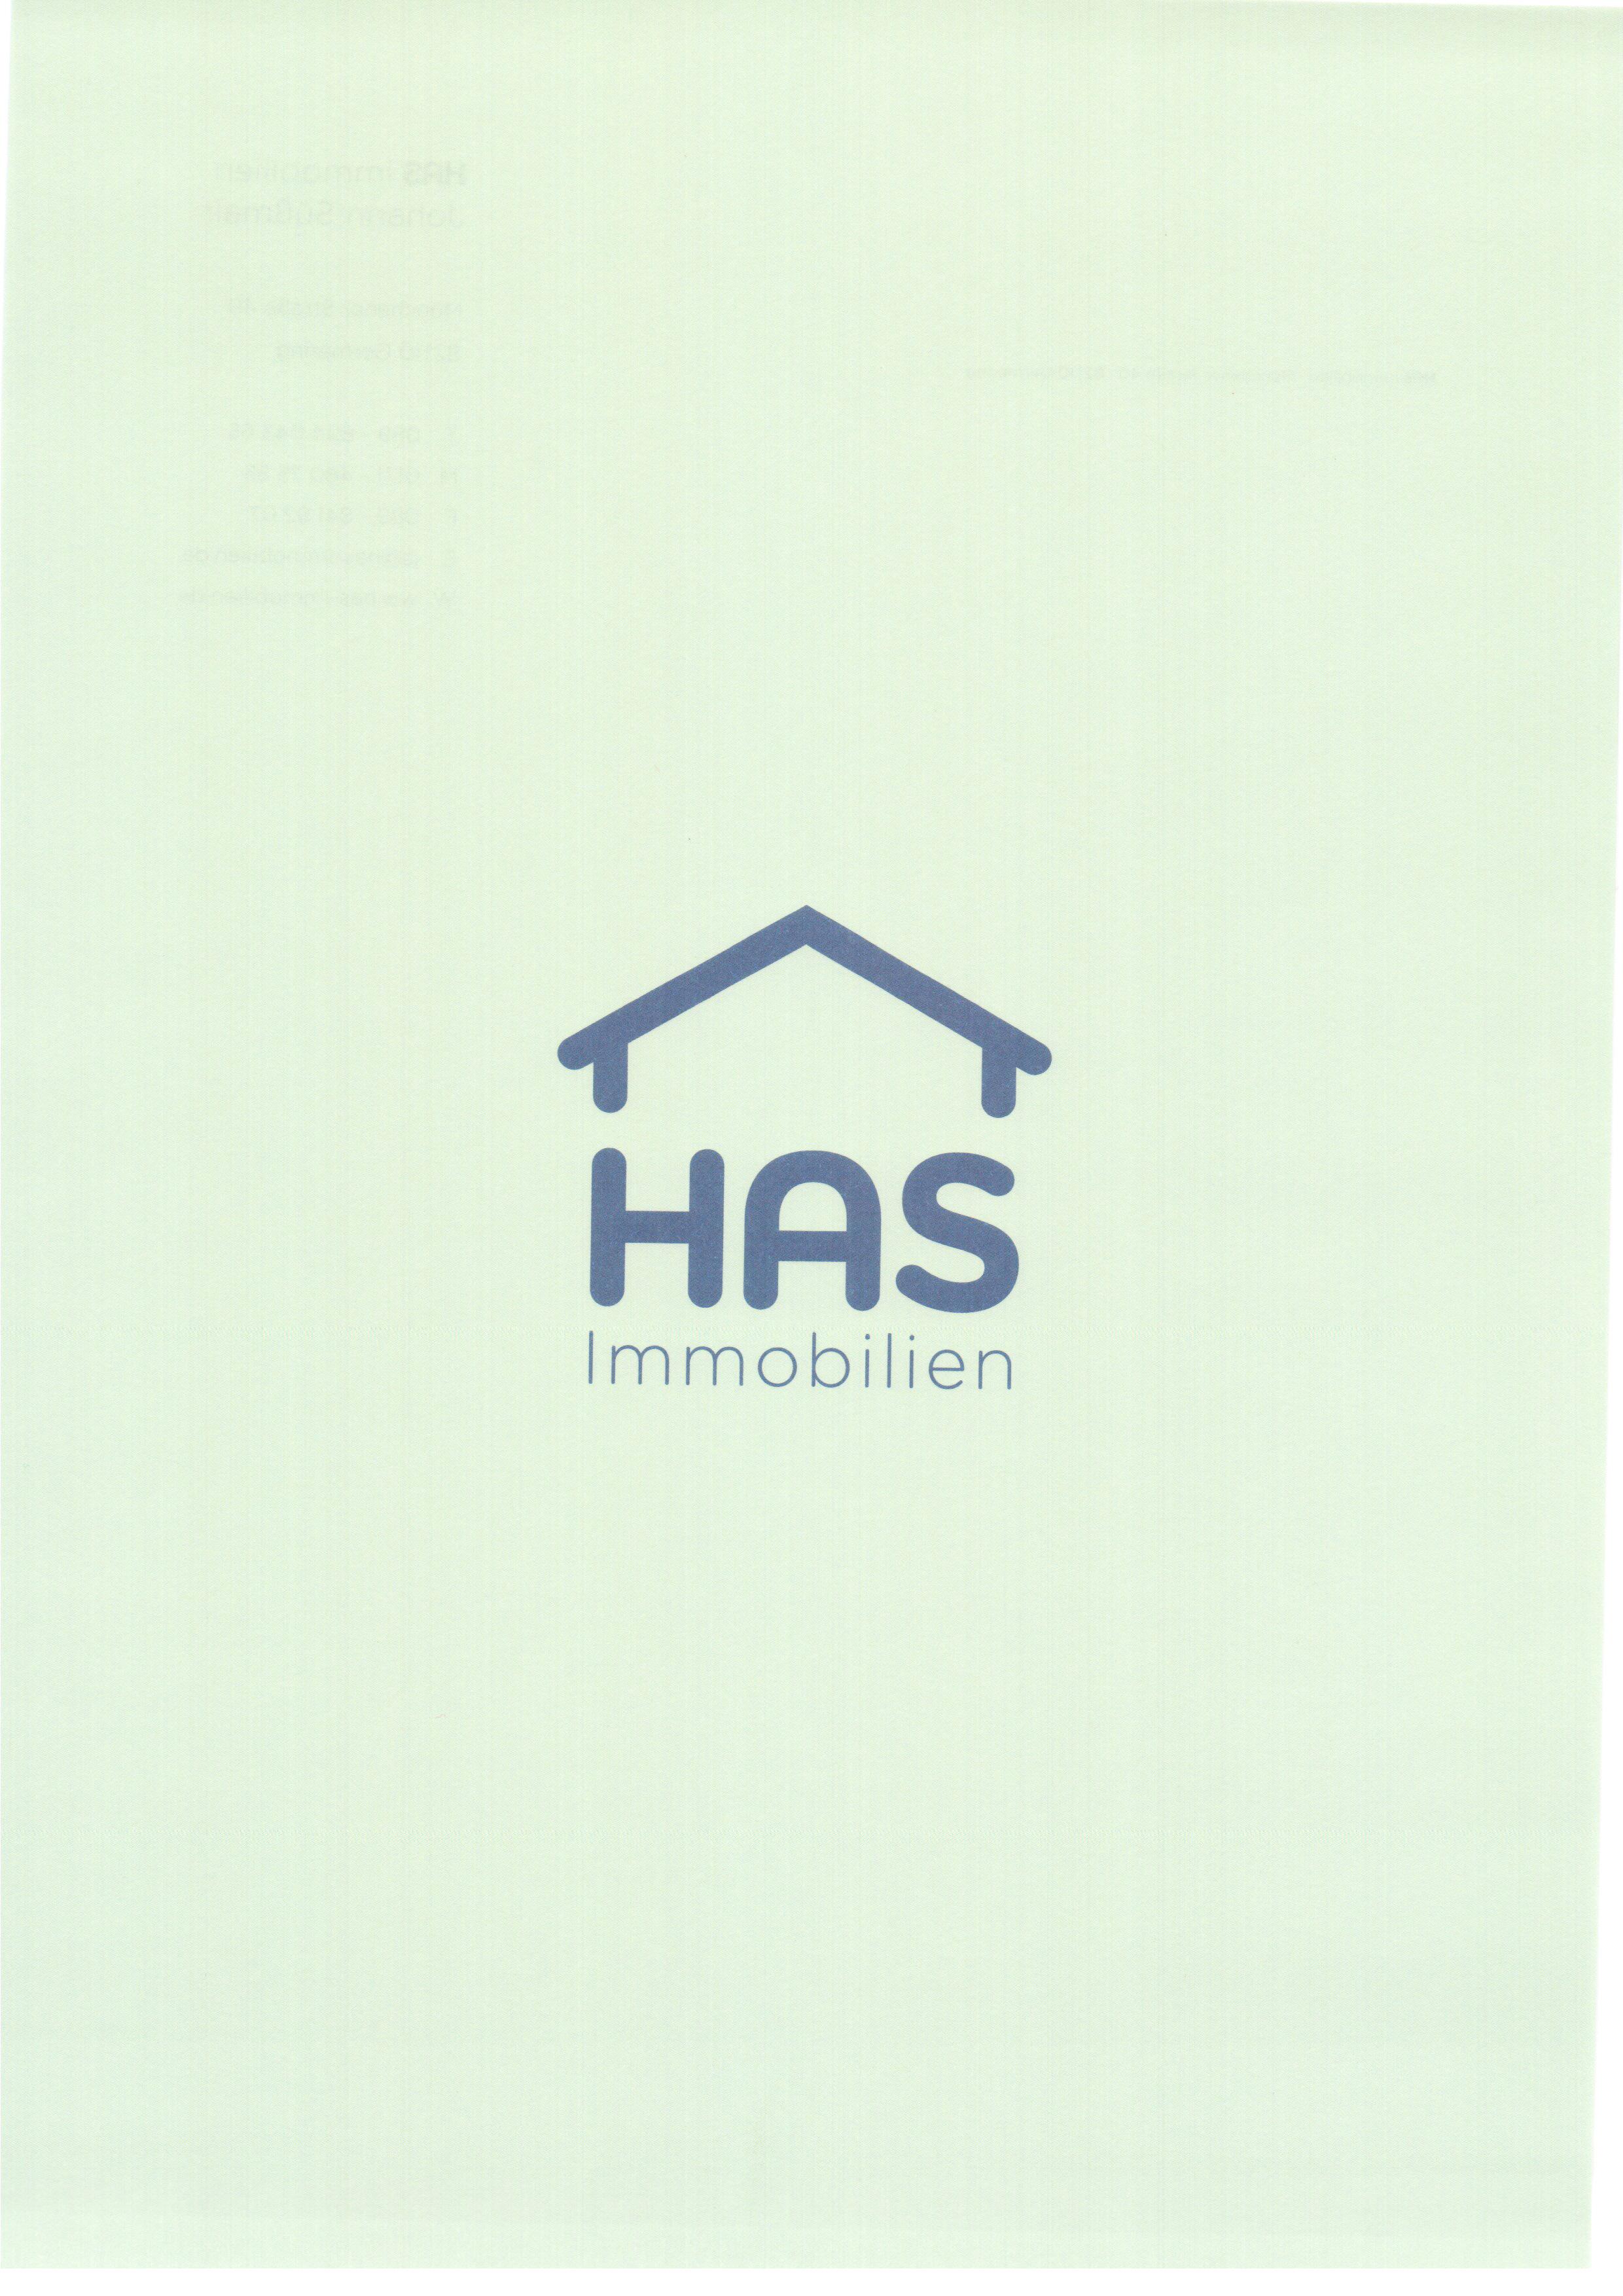 Hier sehen Sie das Logo von HAS-Immobilien